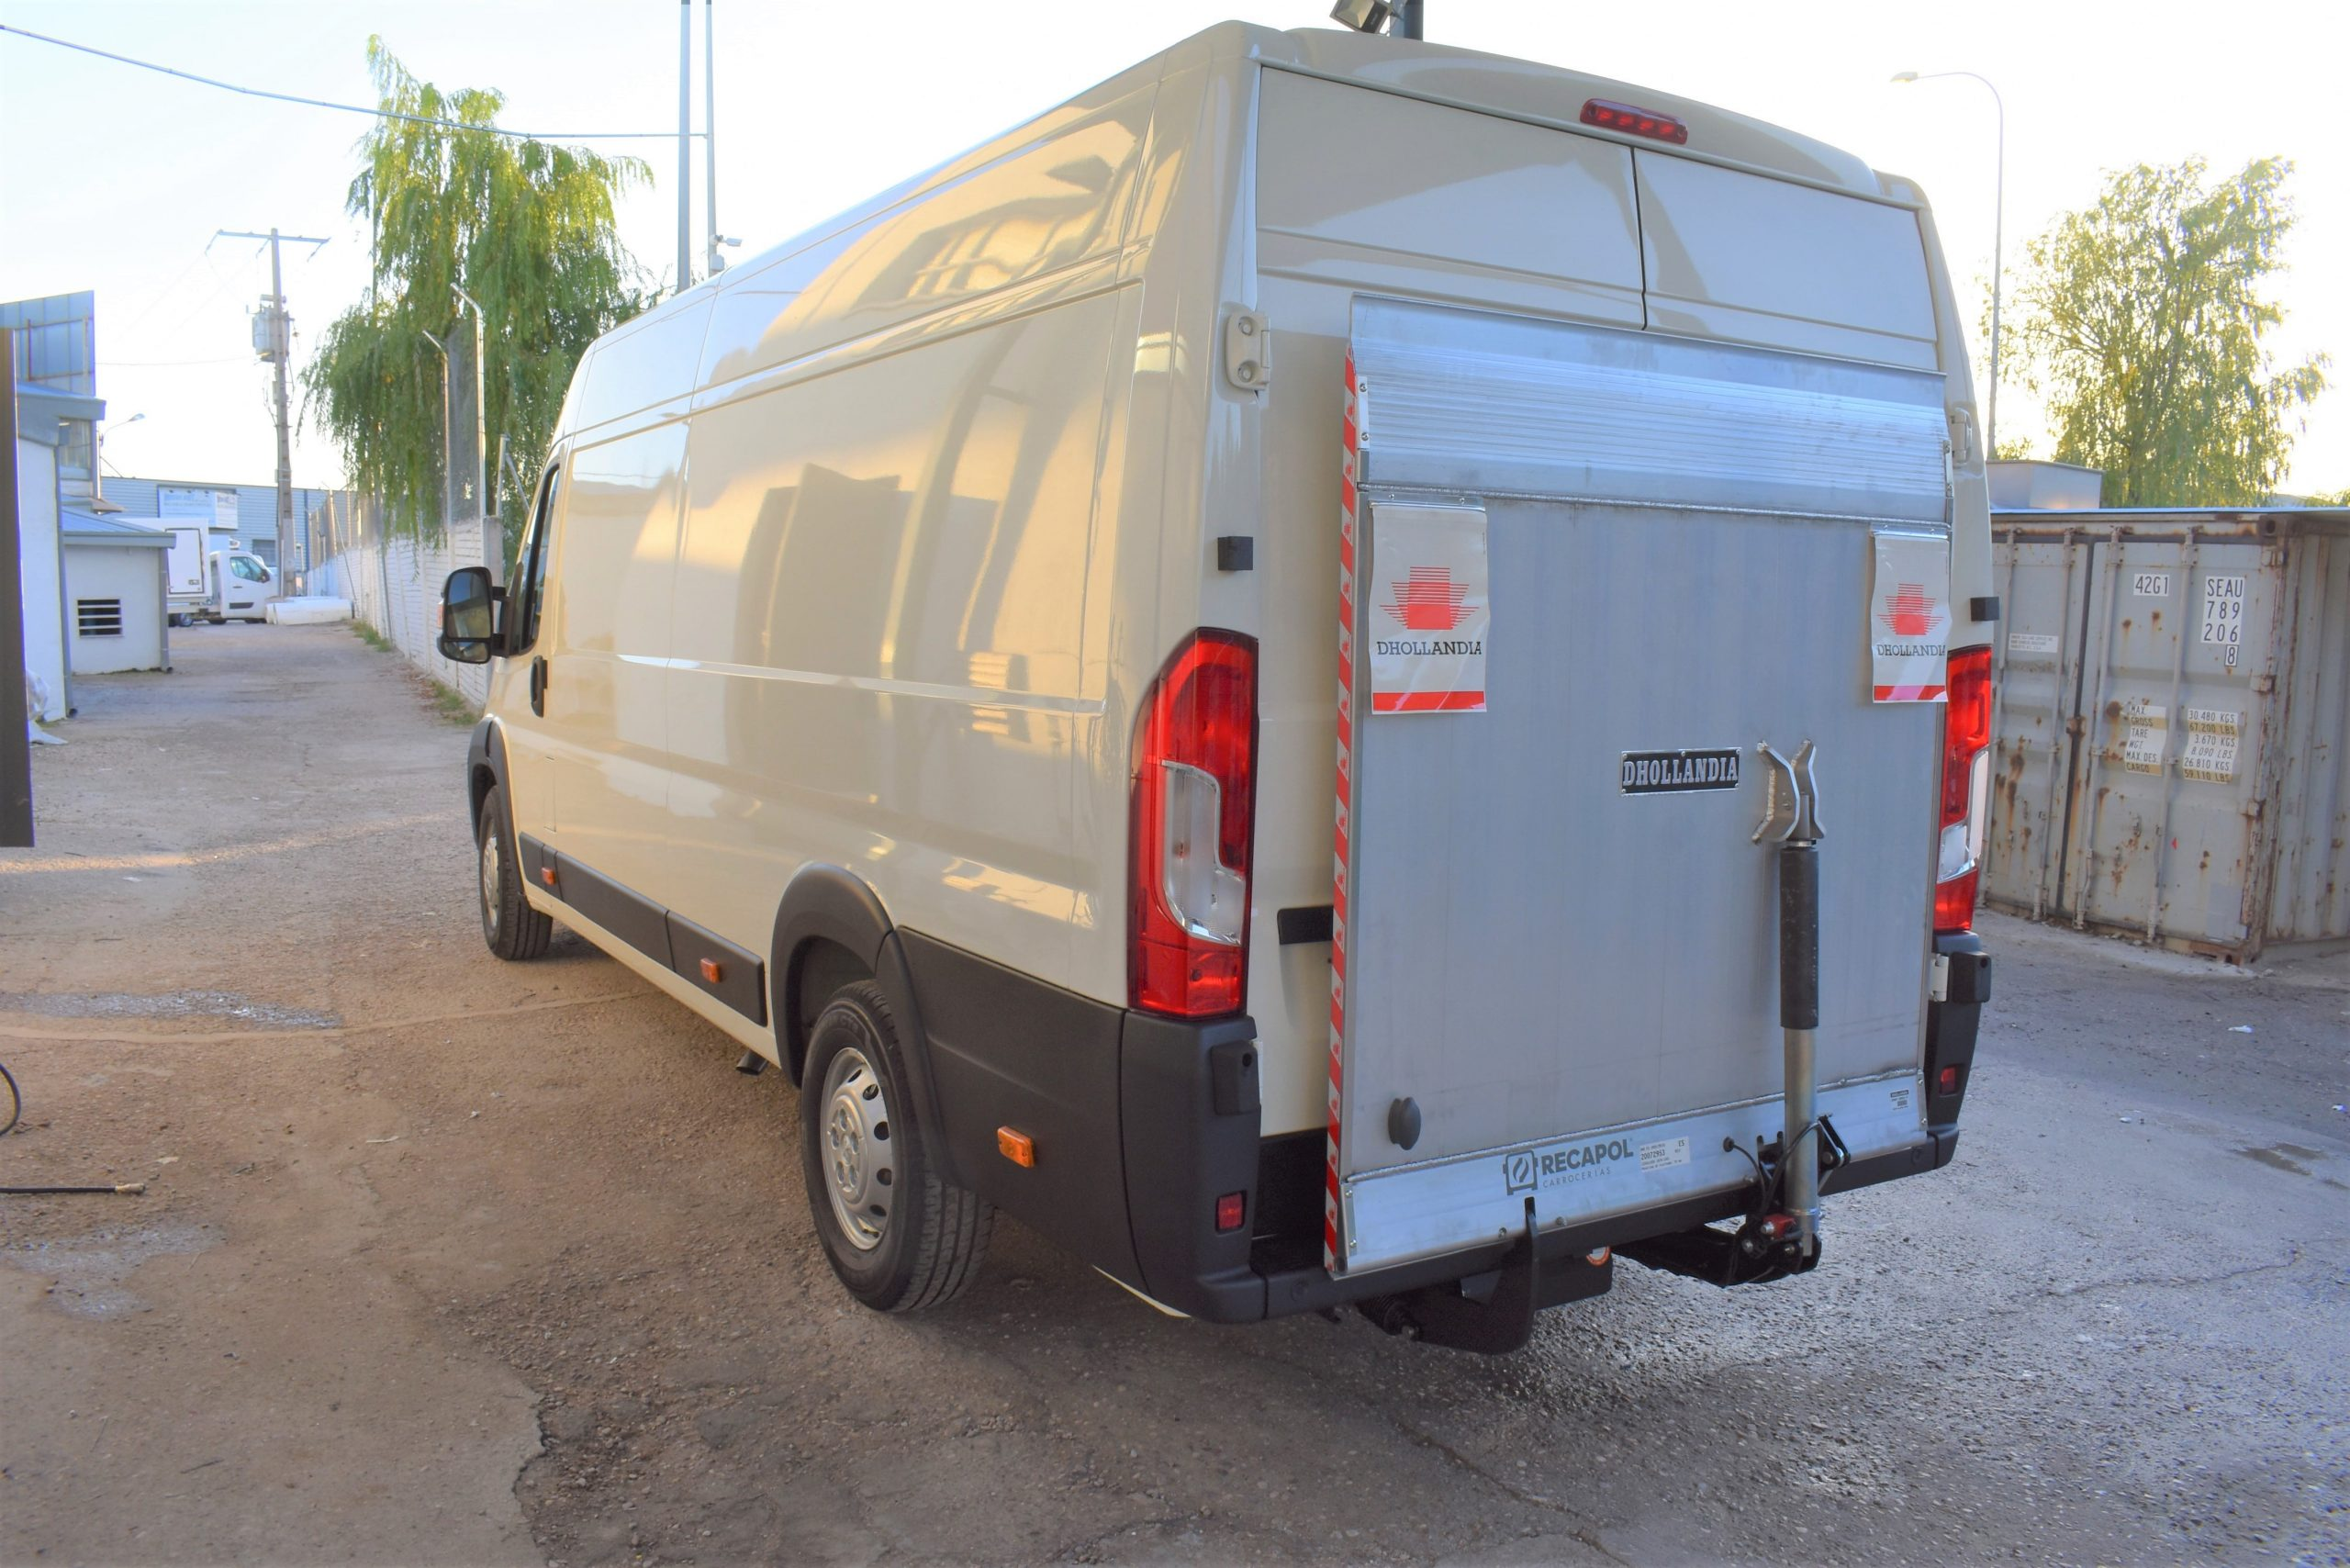 Peugeot Boxer con rampa carga y descarga - rampa subida 2 - RECAPOL-min